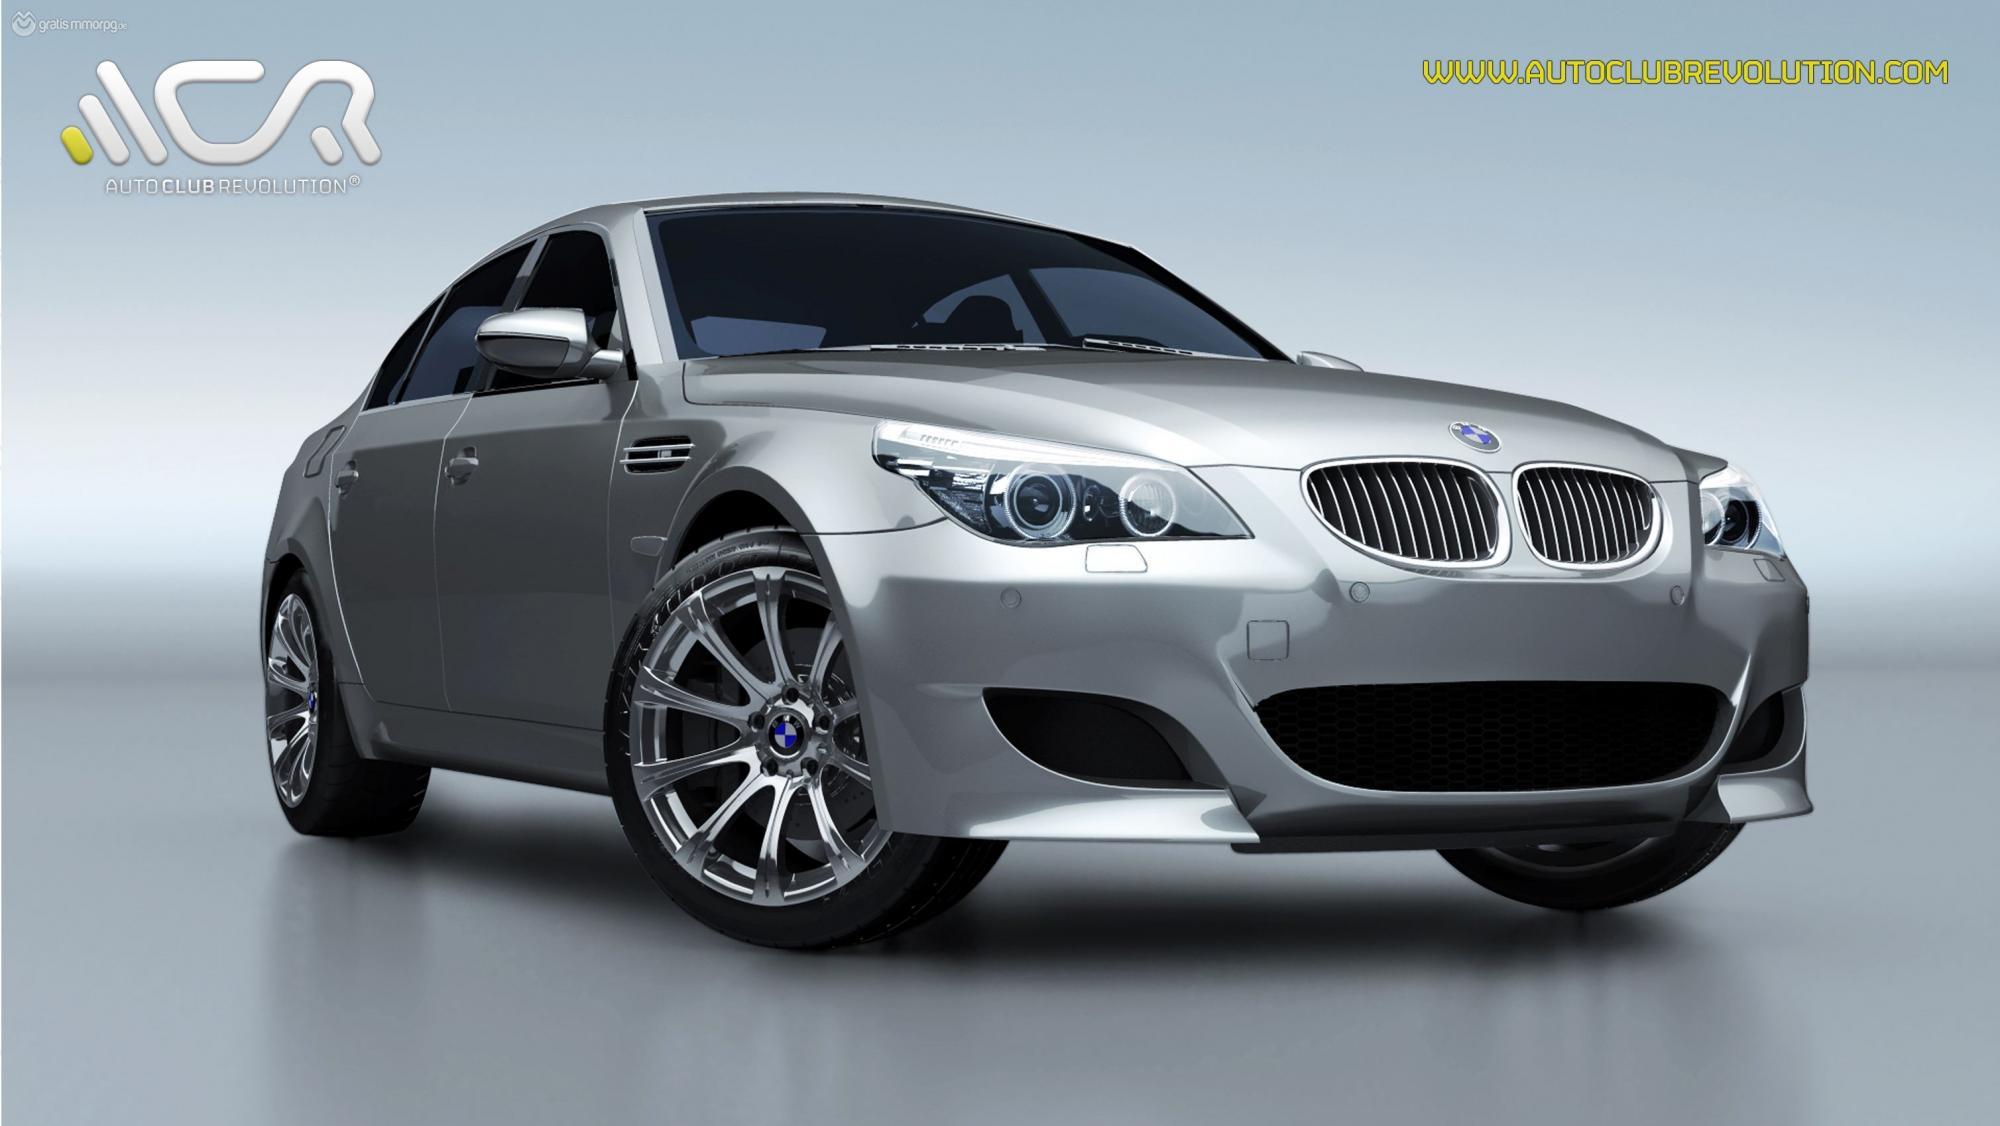 Klicke auf die Grafik für eine größere AnsichtName:ACR - BMW M5.jpgHits:65Größe:143,3 KBID:5860